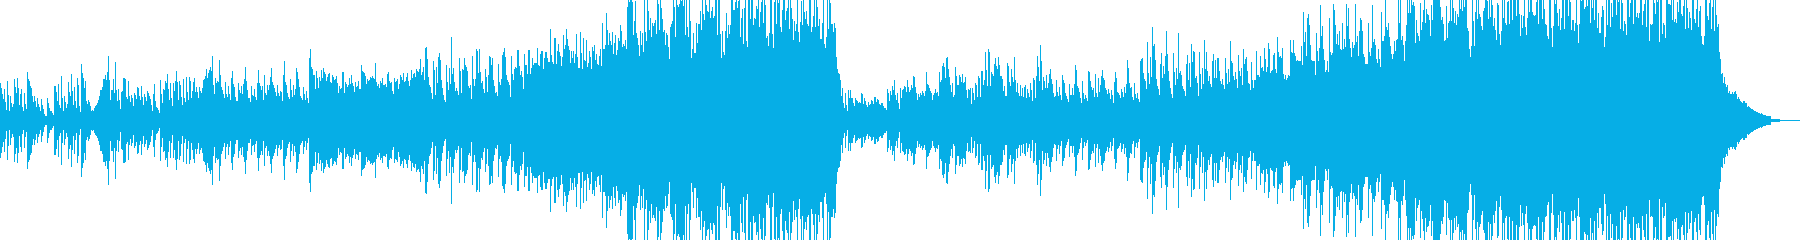 長年望んだ再会シーンに溶け込むBGMの再生済みの波形